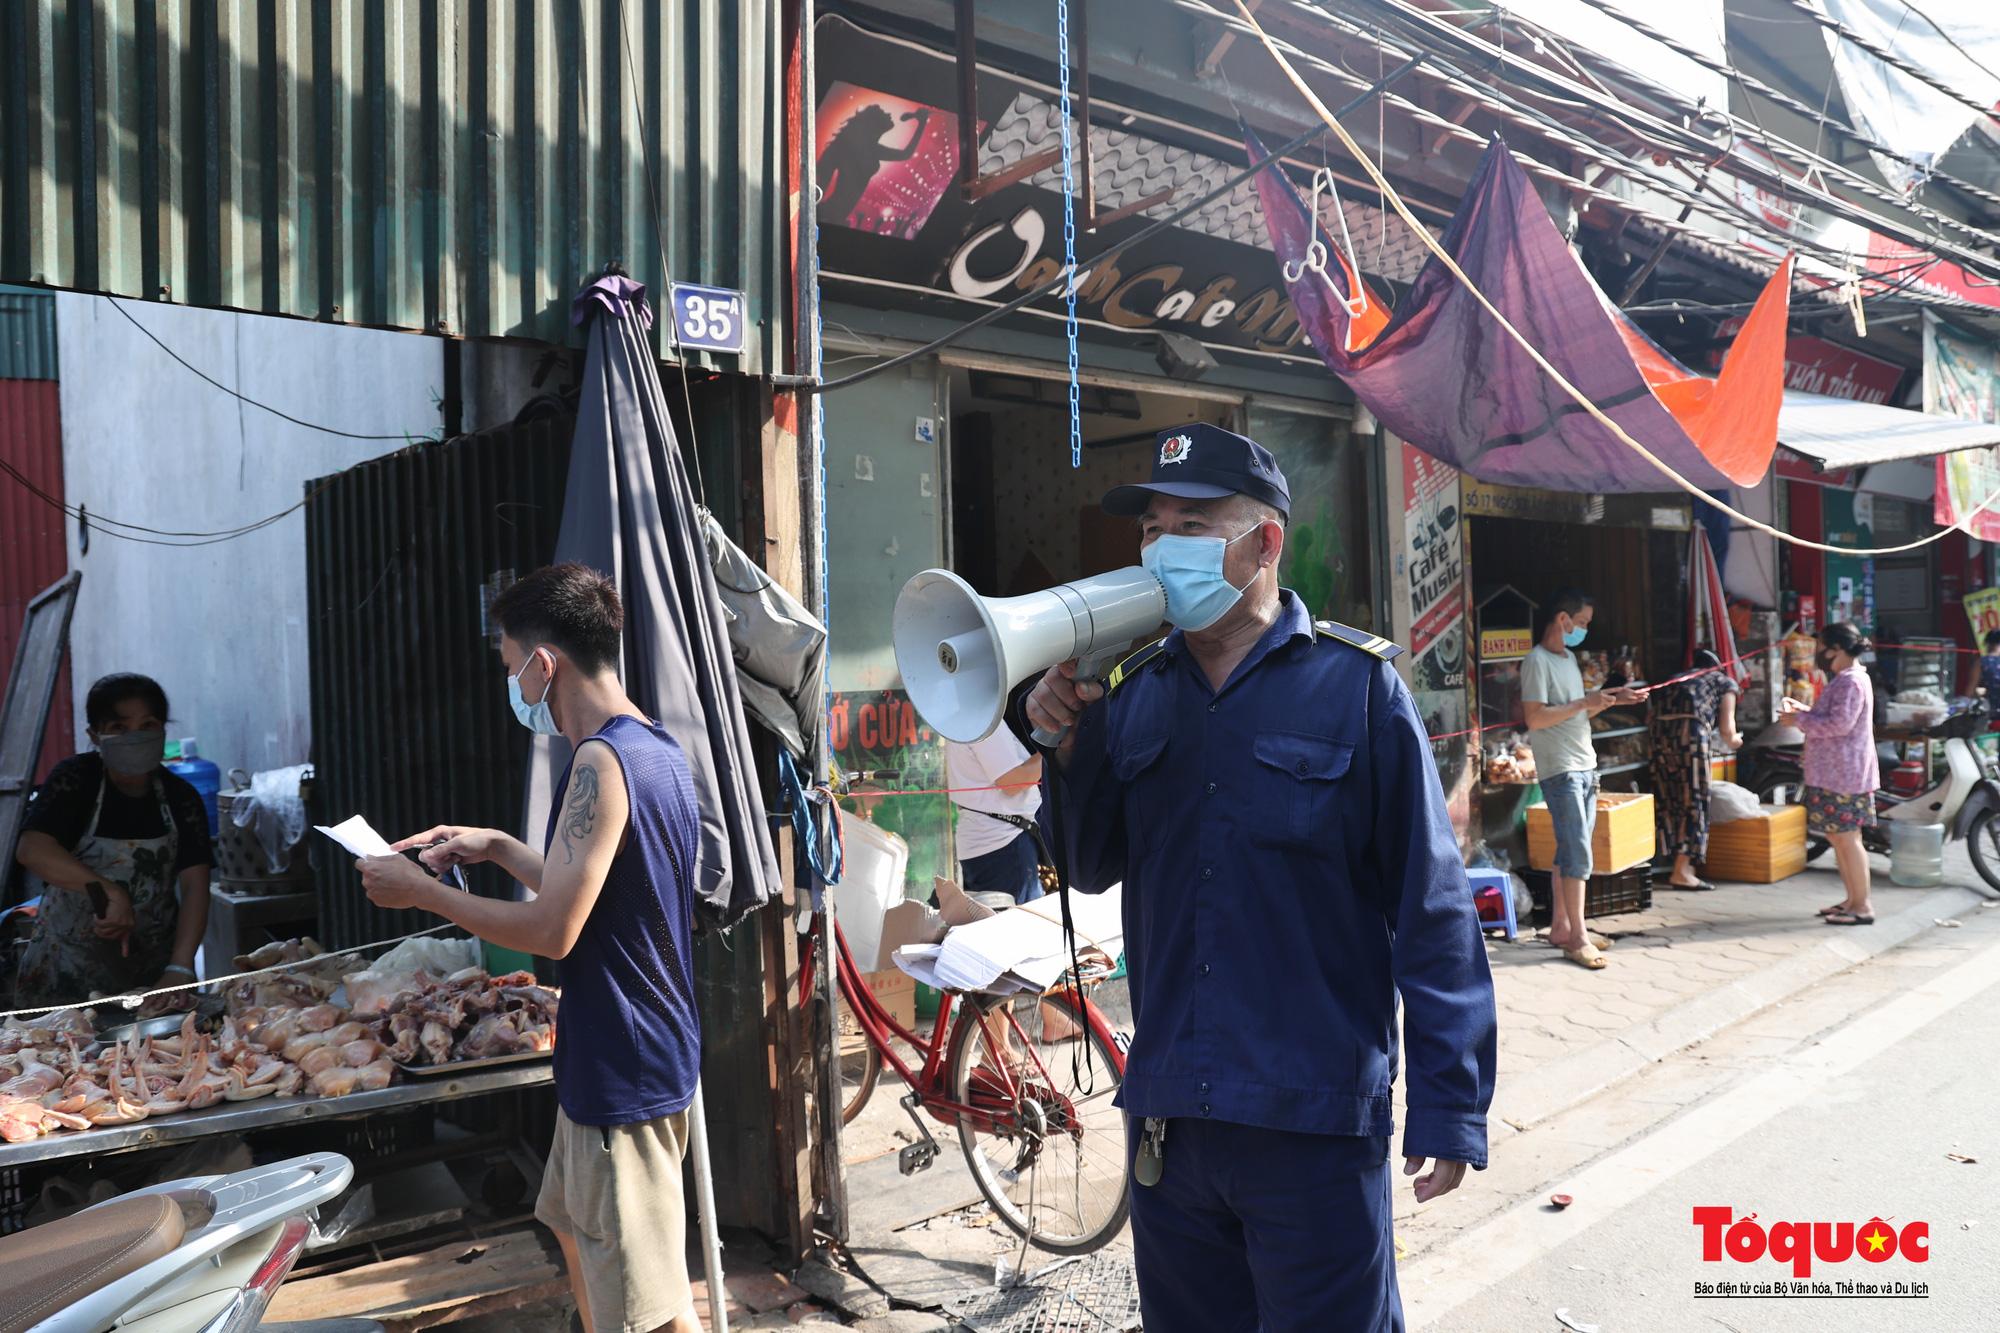 Hà Nội: Muôn kiểu đi chợ trong thời giãn cách xã hội ở thủ đô - Ảnh 22.